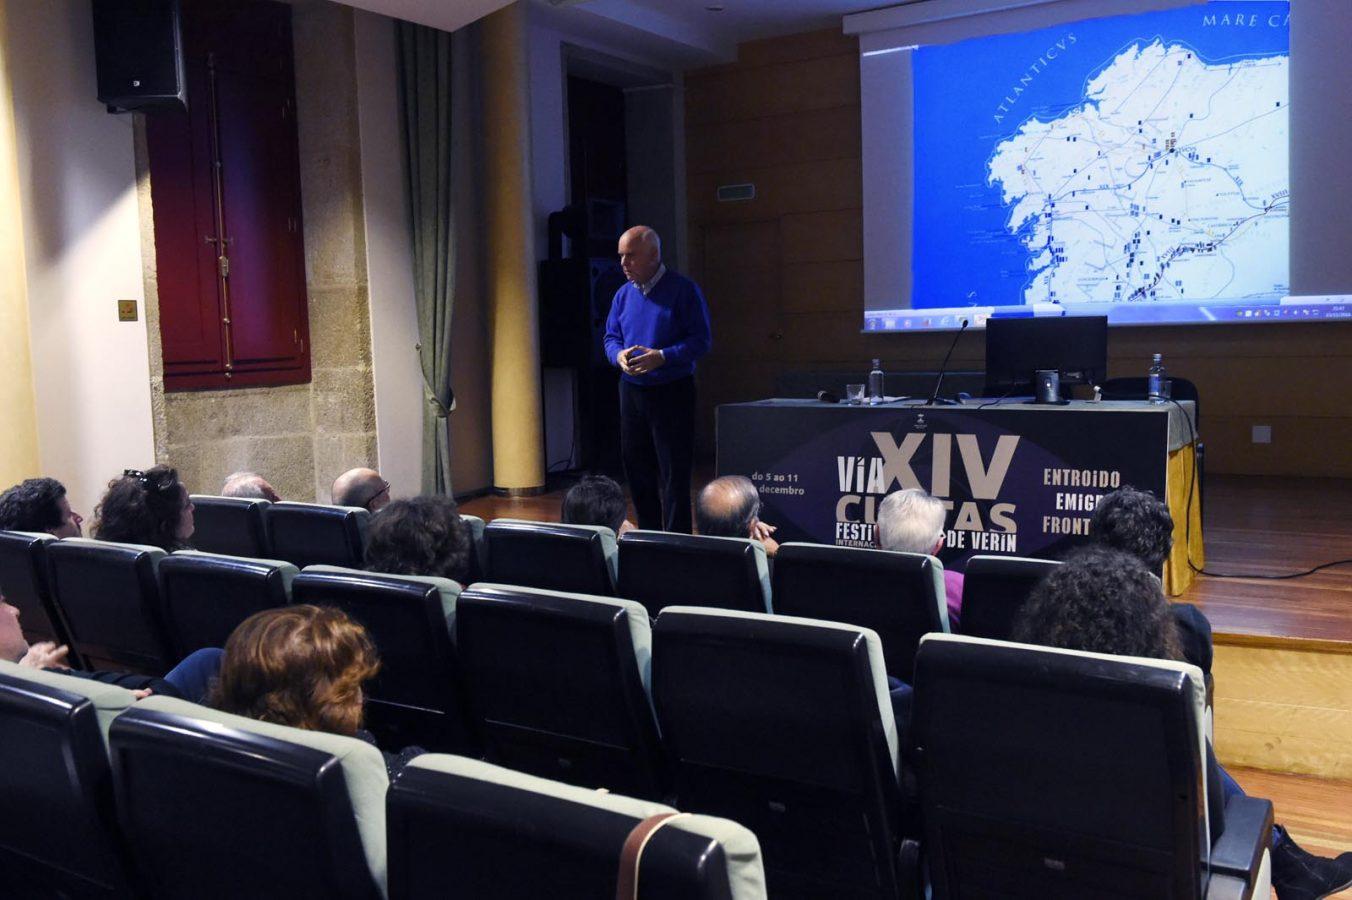 Un dos momentos desta conferencia, incluída no ciclo do Festival Vía XIV de Verín.